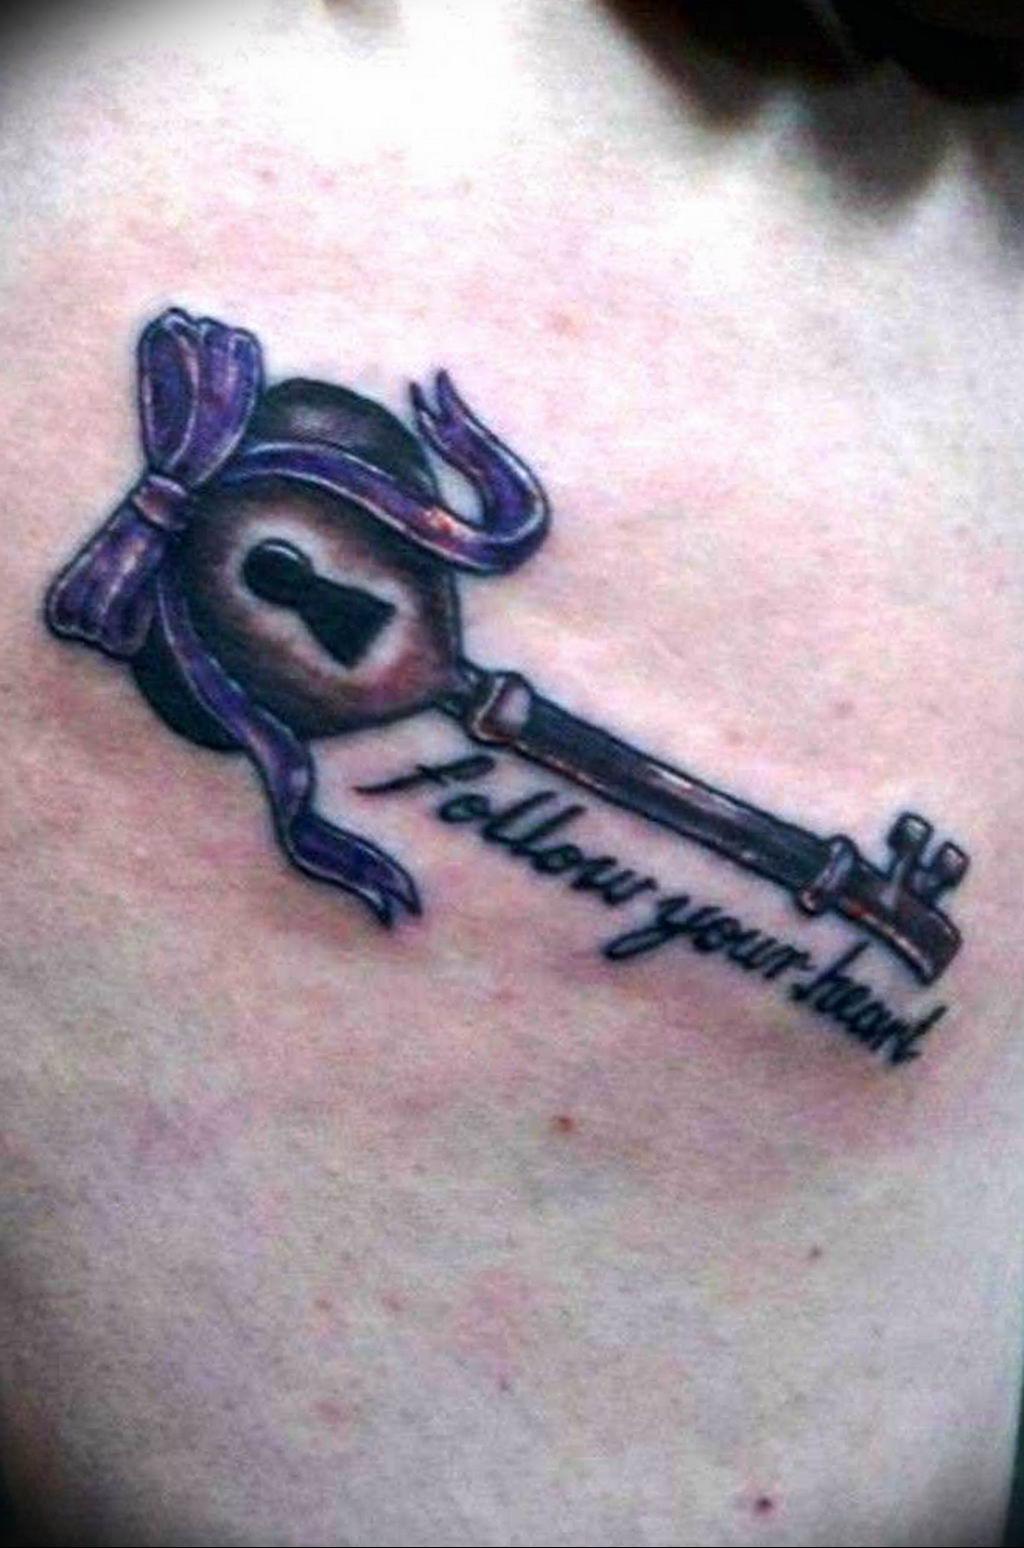 Фото тату замок и ключ 21.08.2019 №052 - tattoo lock and key - tatufoto.com